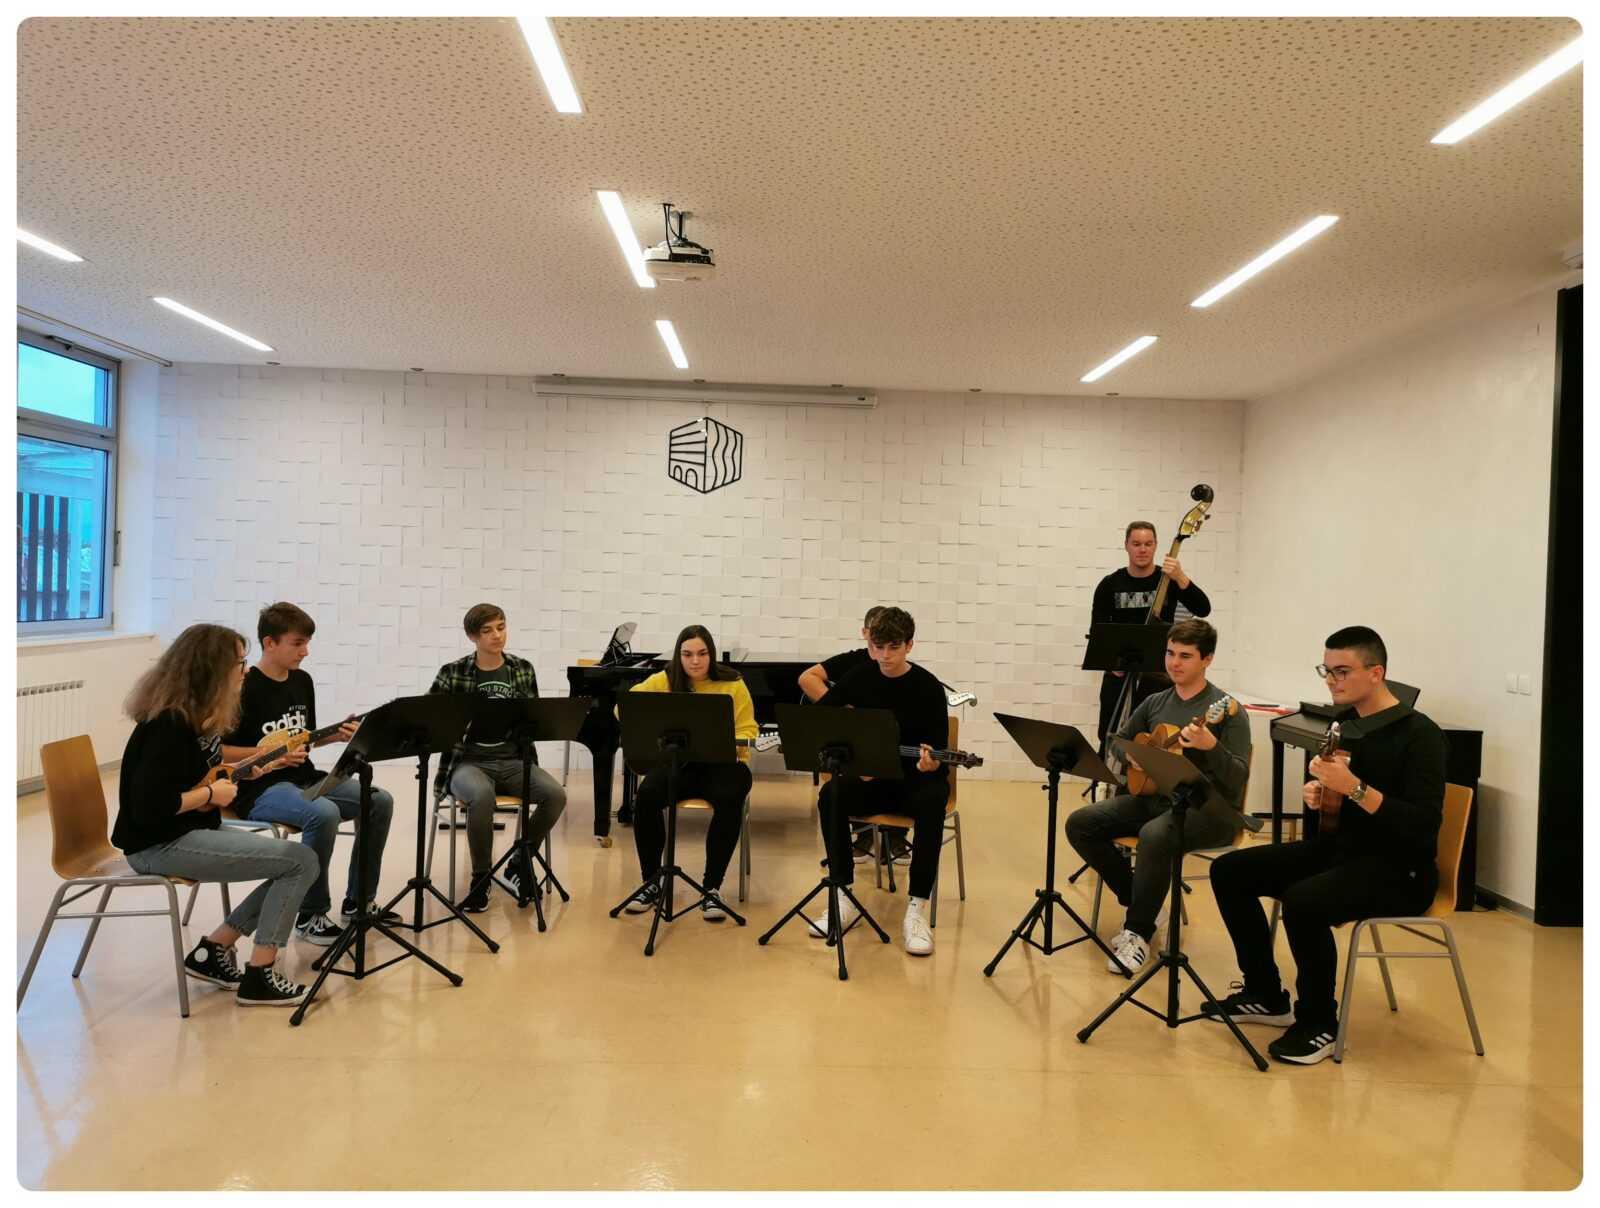 Održano školsko natjecanje u Glazbenoj školi Požega